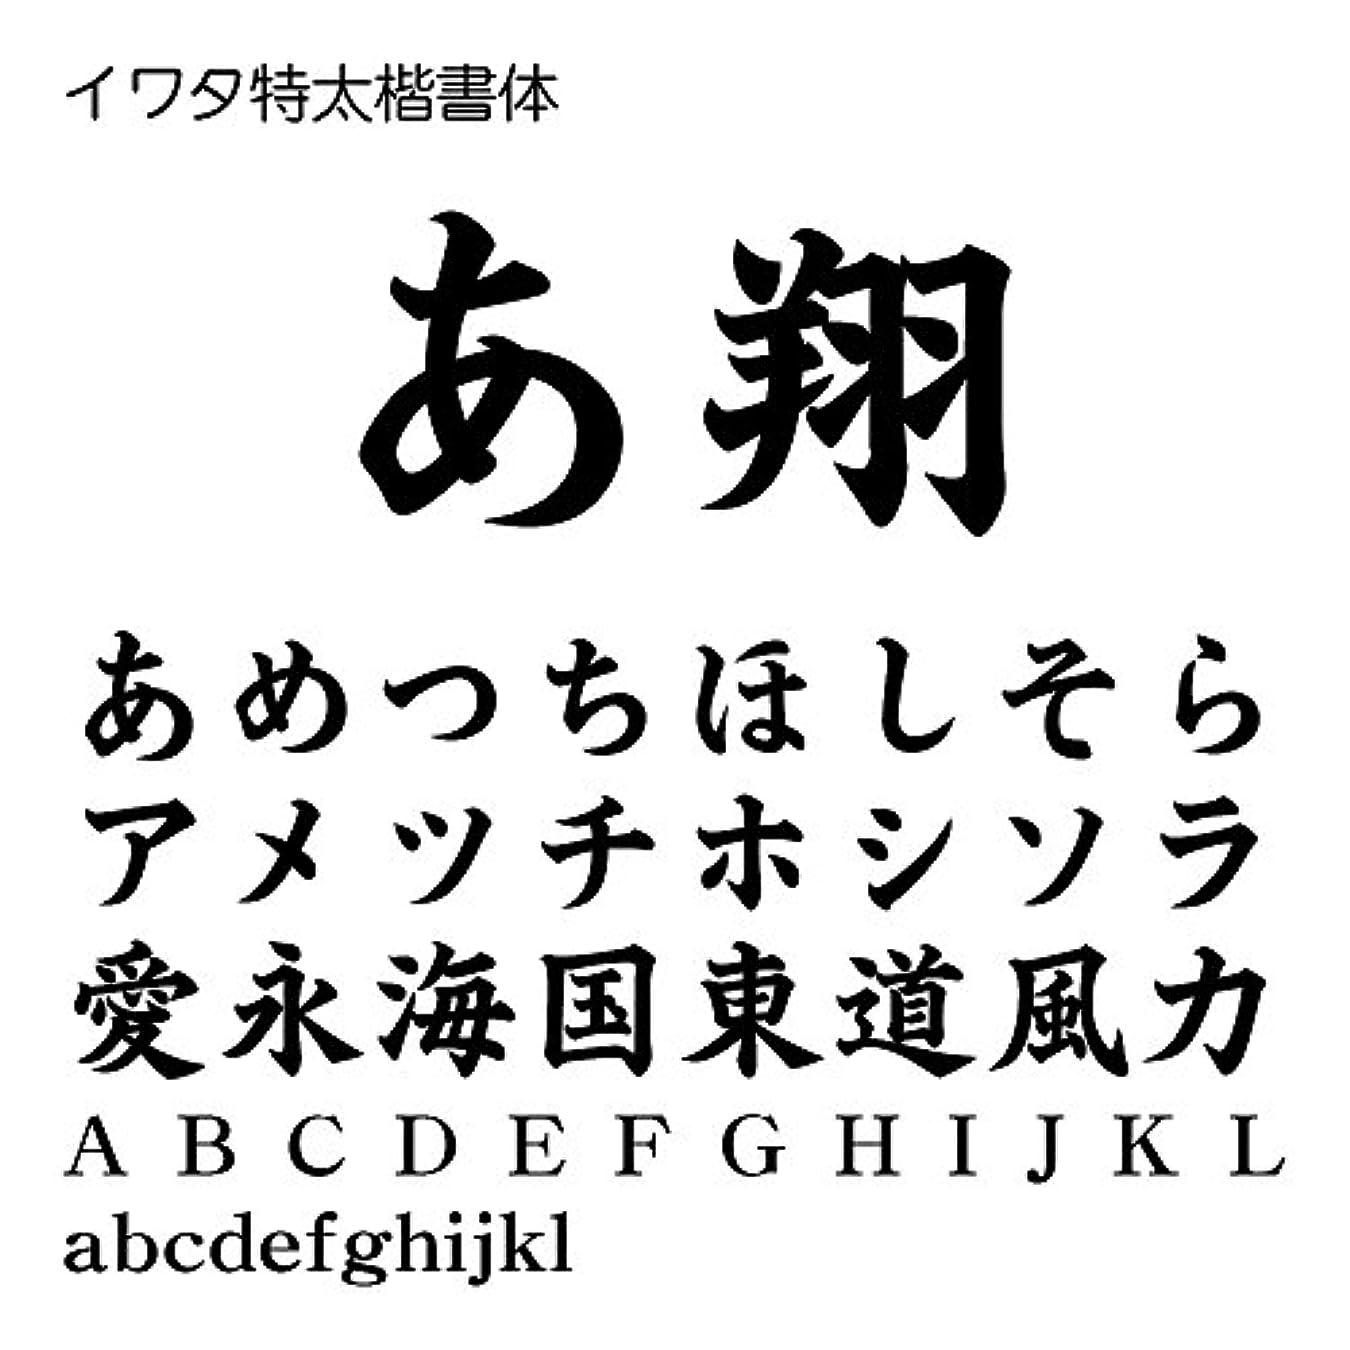 集計アラスカジュースイワタ特太楷書体 TrueType Font for Windows [ダウンロード]